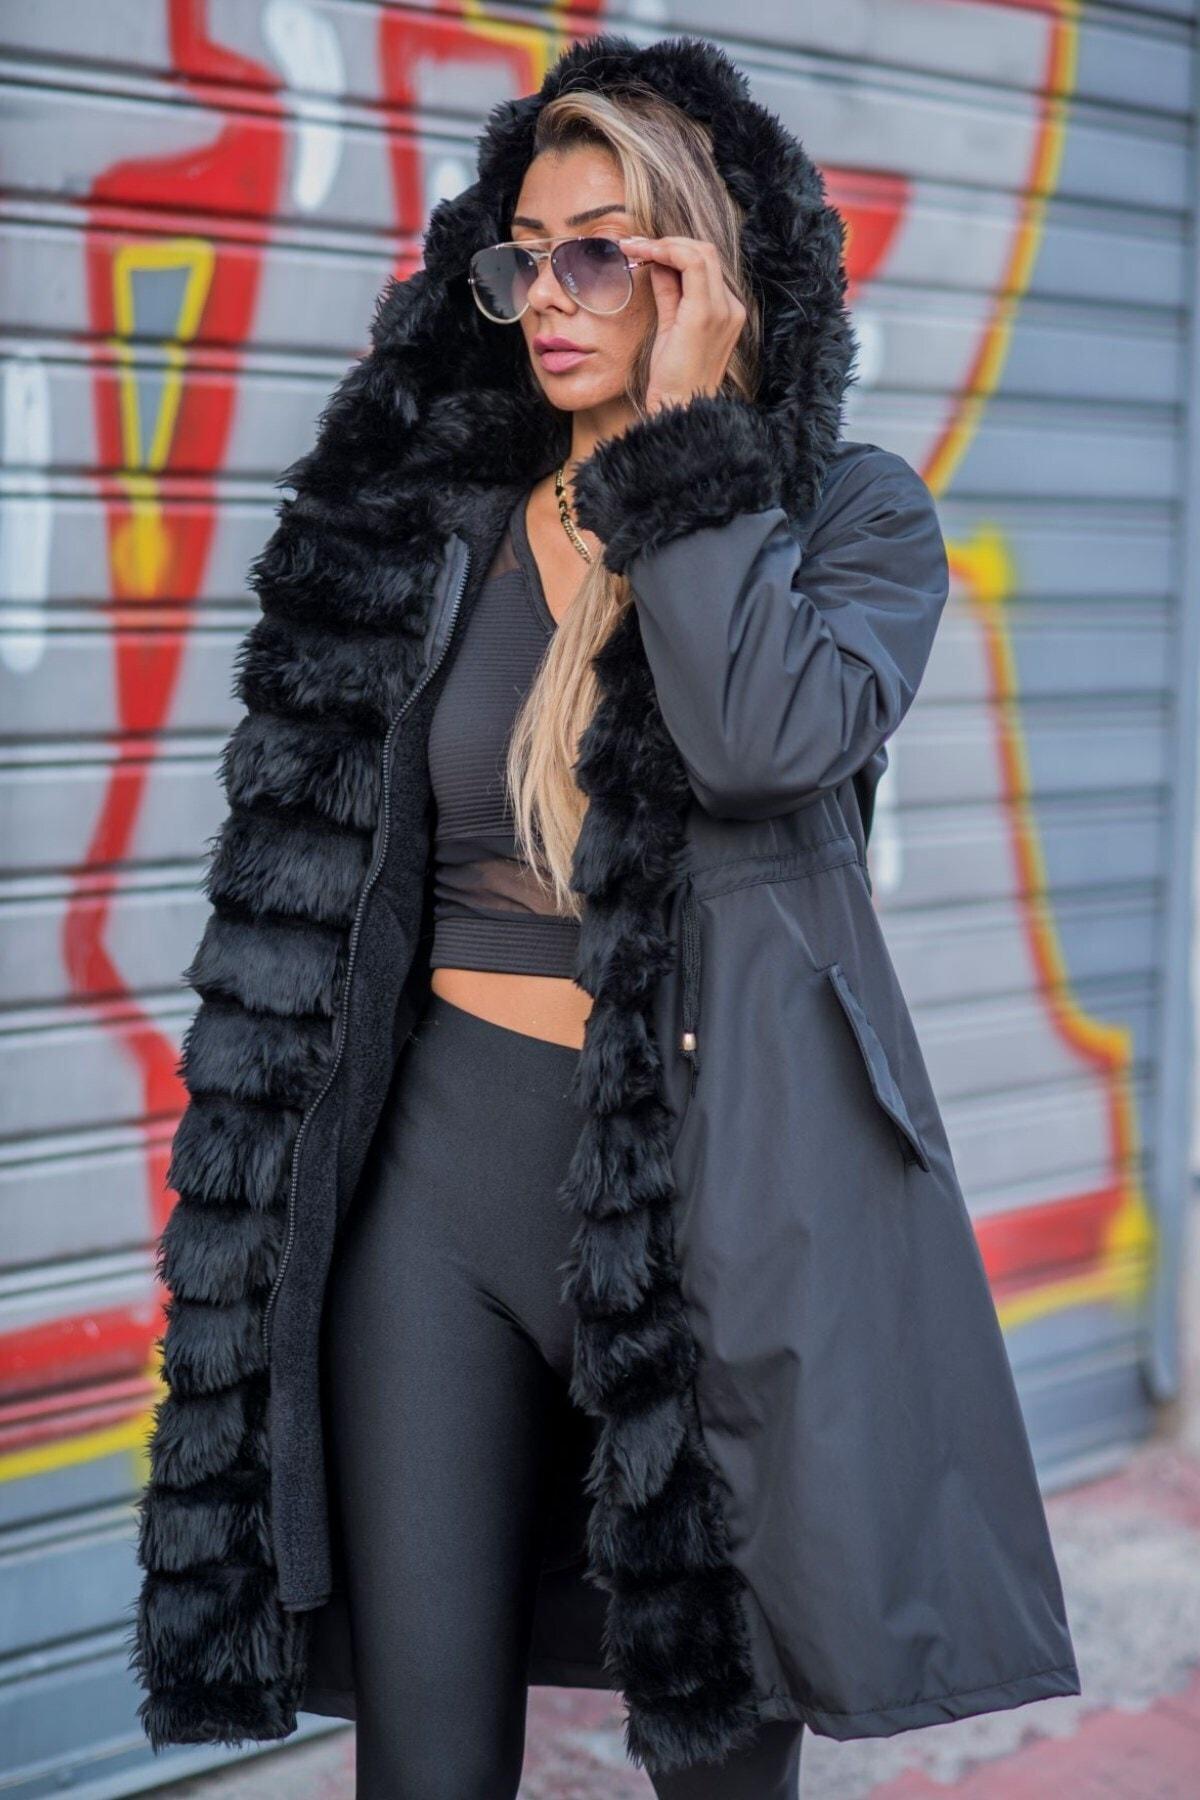 Keyifli Moda Kadın Siyah Su Geçirmez Içi Kürklü Kapüşonlu Kürk Yaka Kaban 1